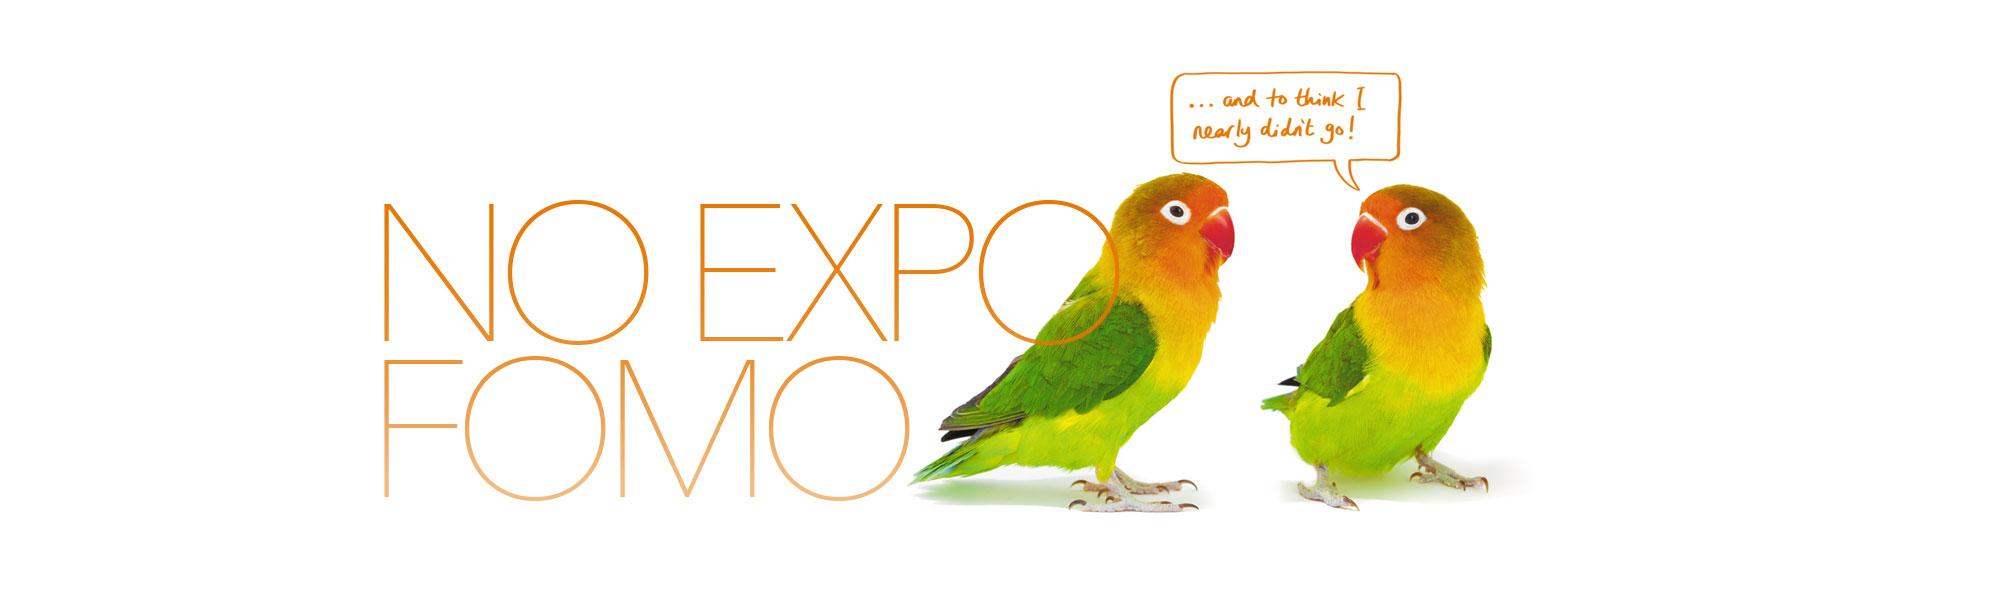 No Expo FOMO